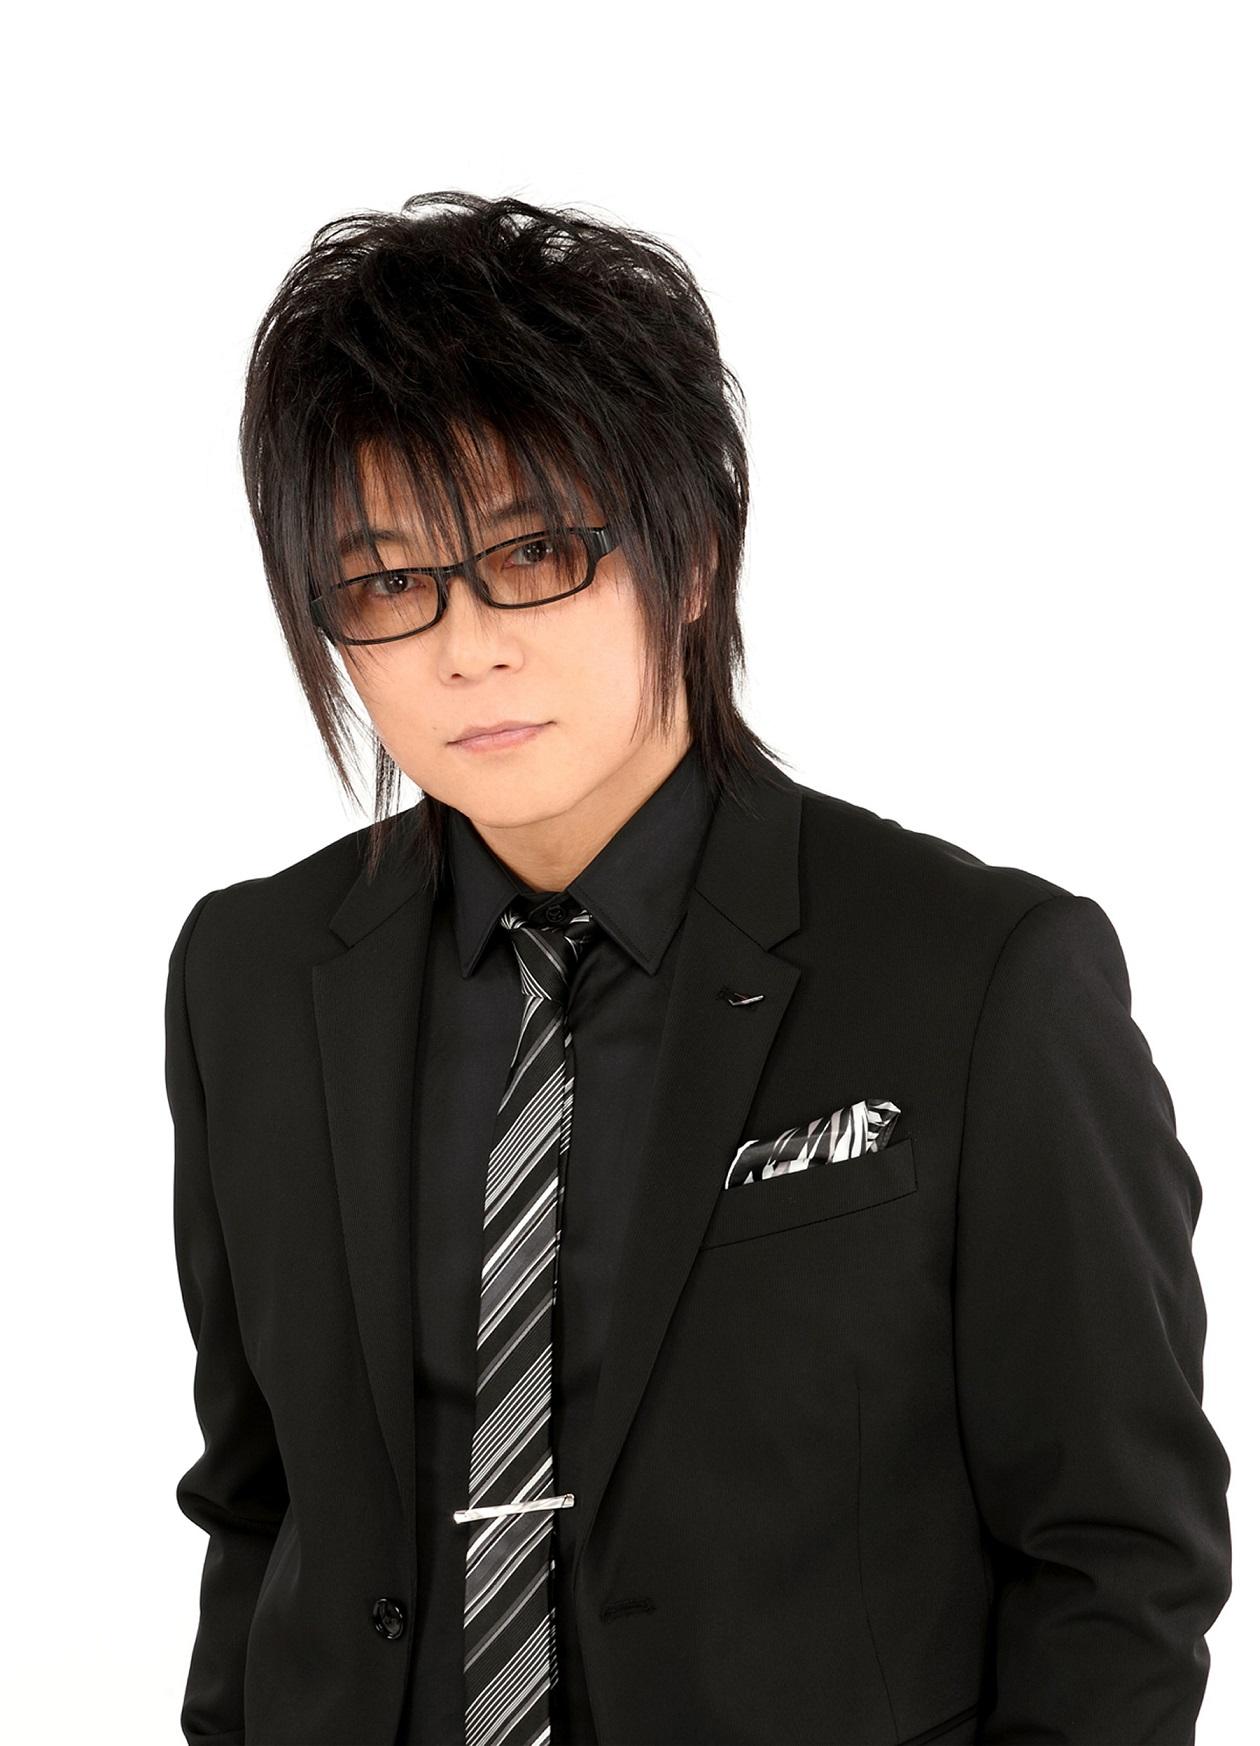 レジェンド声優・森川智之さんがトークバラエティ番組「有吉反省会」に出演!おちゃめなメッセージ動画も公開